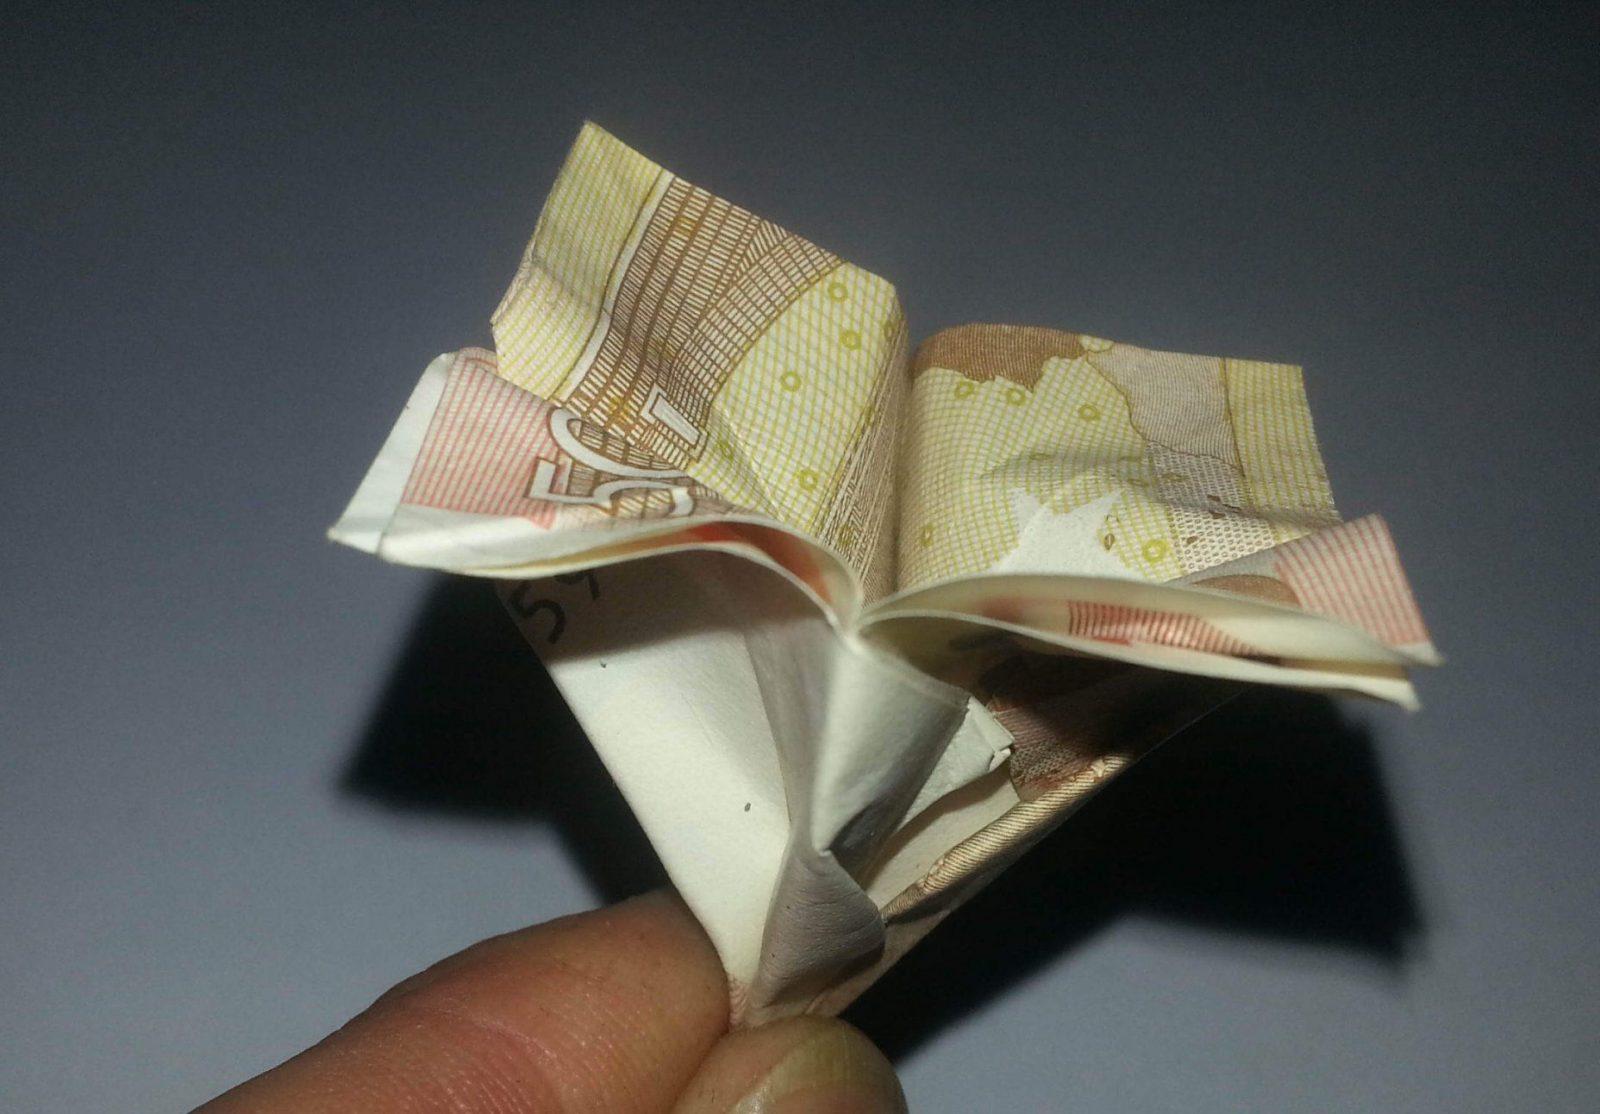 Blume Aus Einem Geldschein Falten  Origami Mit Geldscheinen von Blumen Falten Aus Geldscheinen Bild